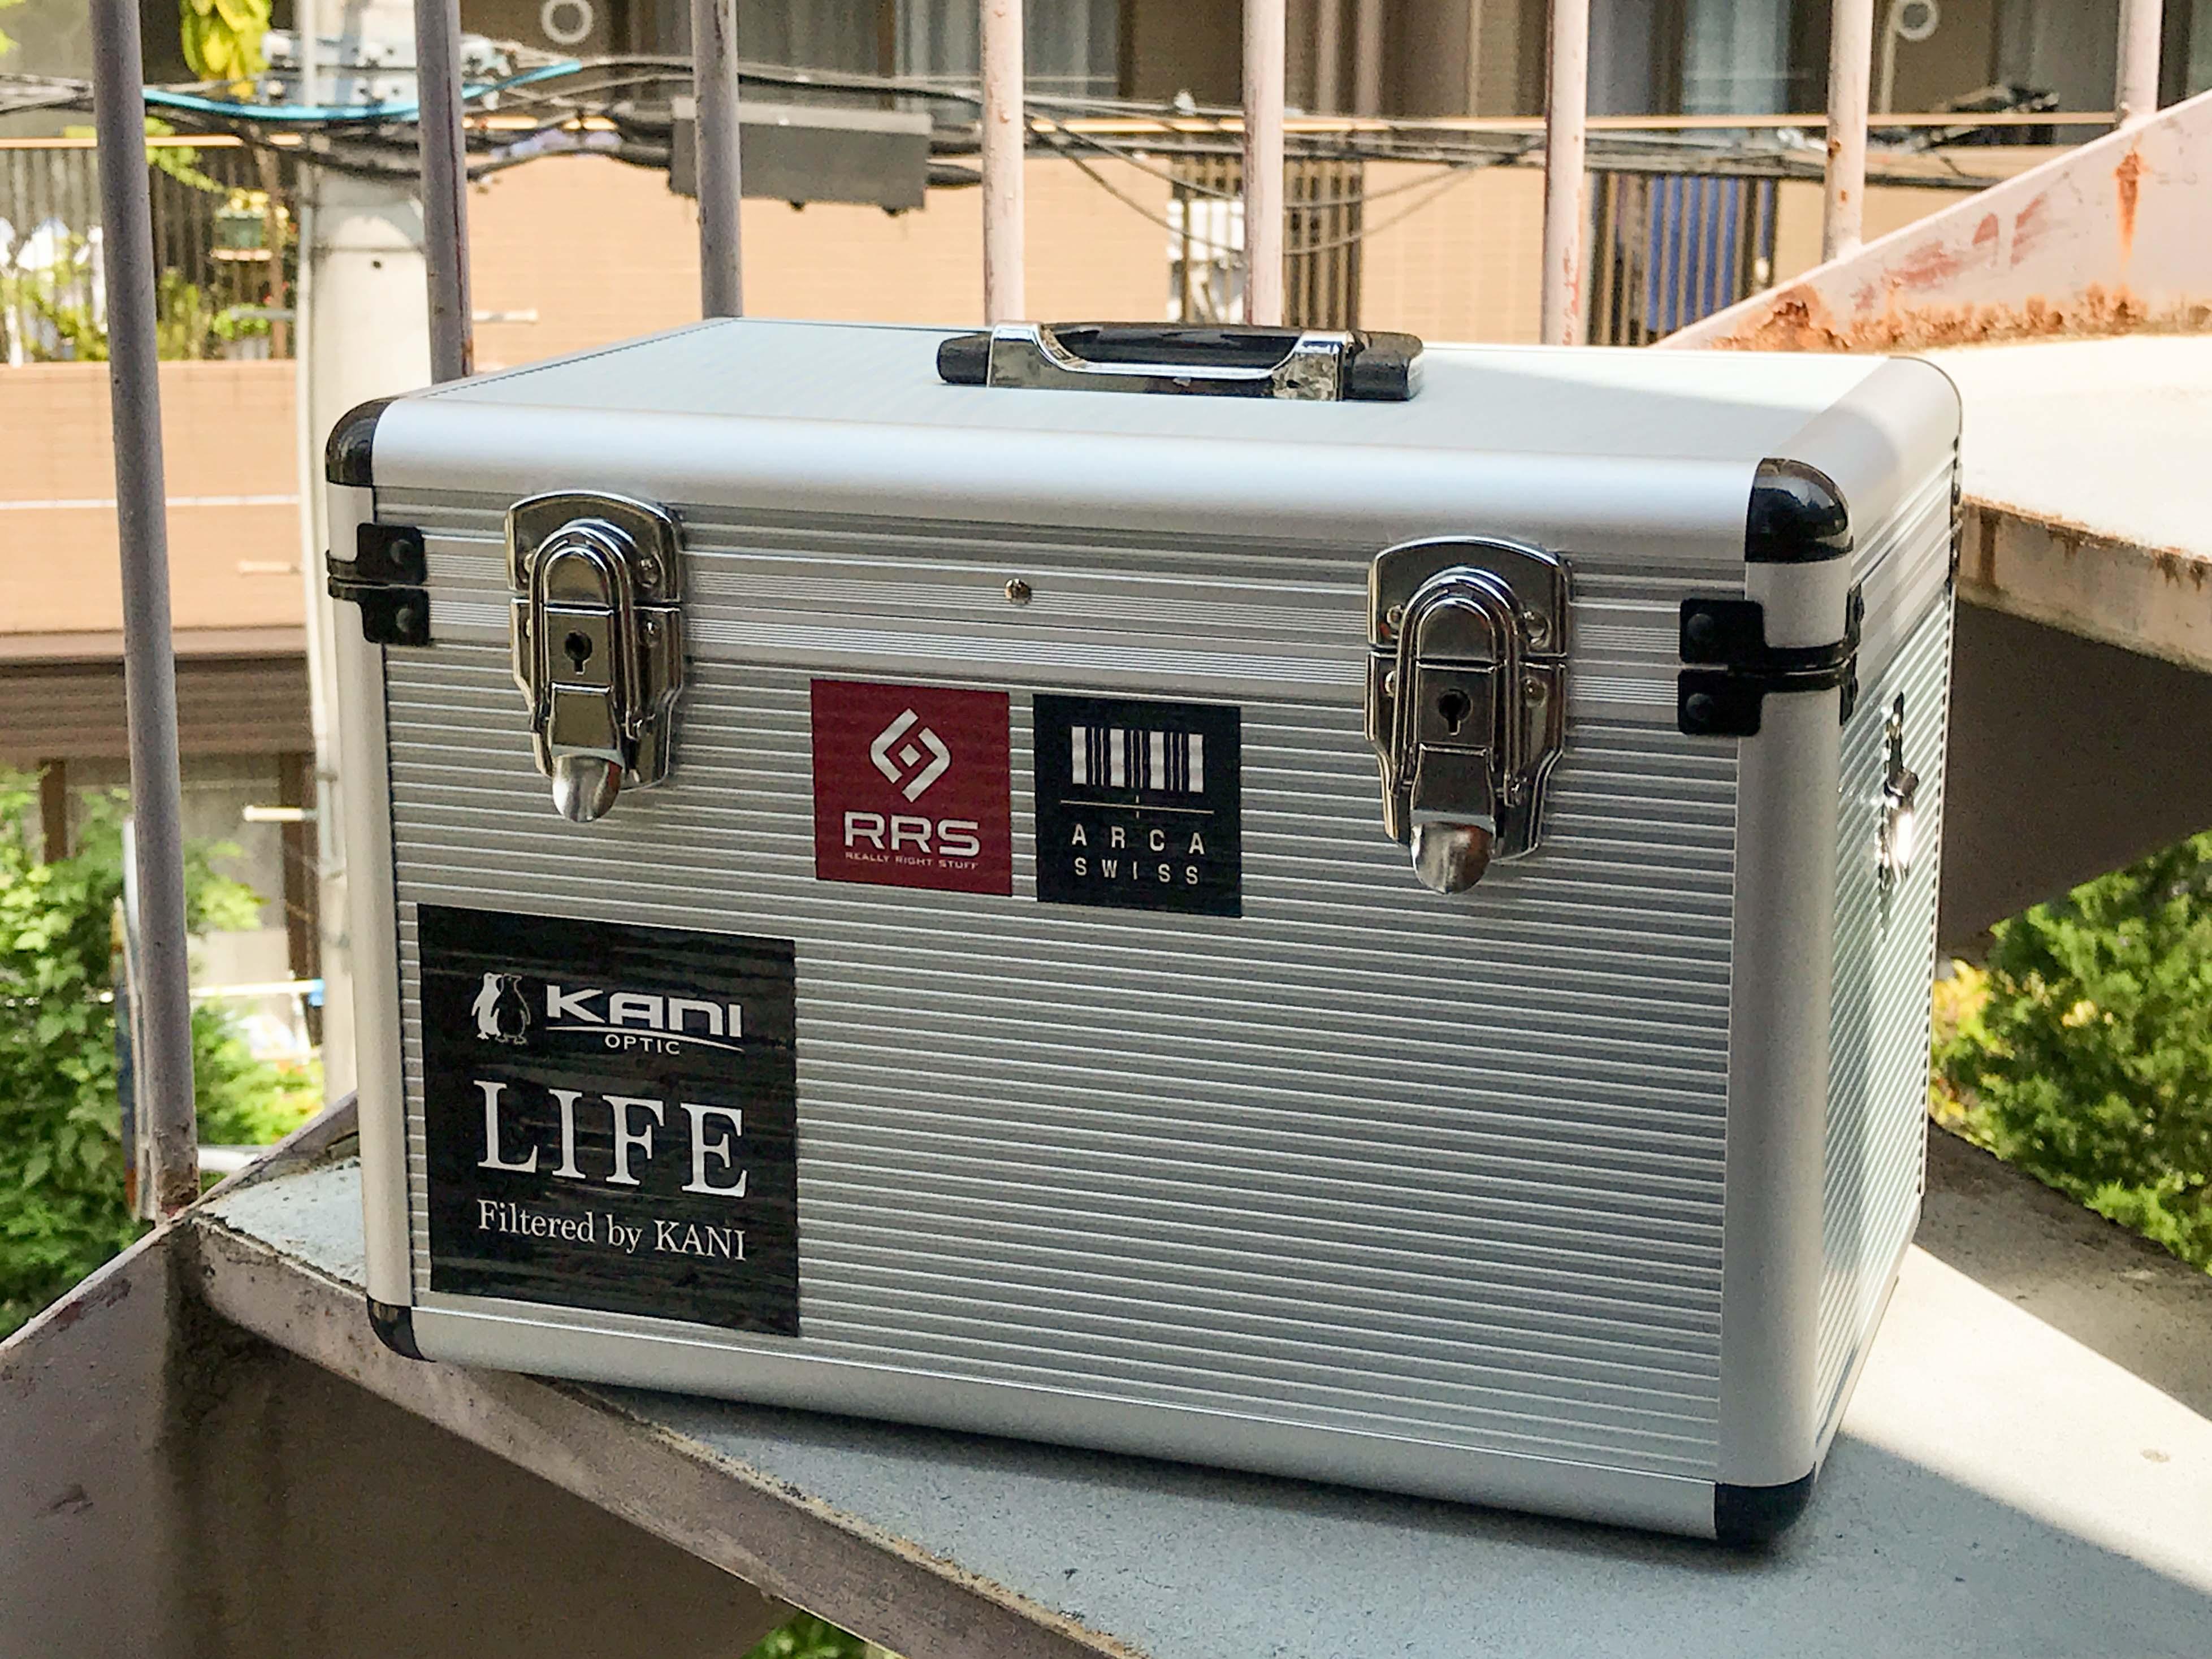 細かい機材 収納 カメラアクセサリー トランク アルミケース 仕切り アイリスオーヤマ アルミケース 工具収納ケース 工具箱 AM-37T